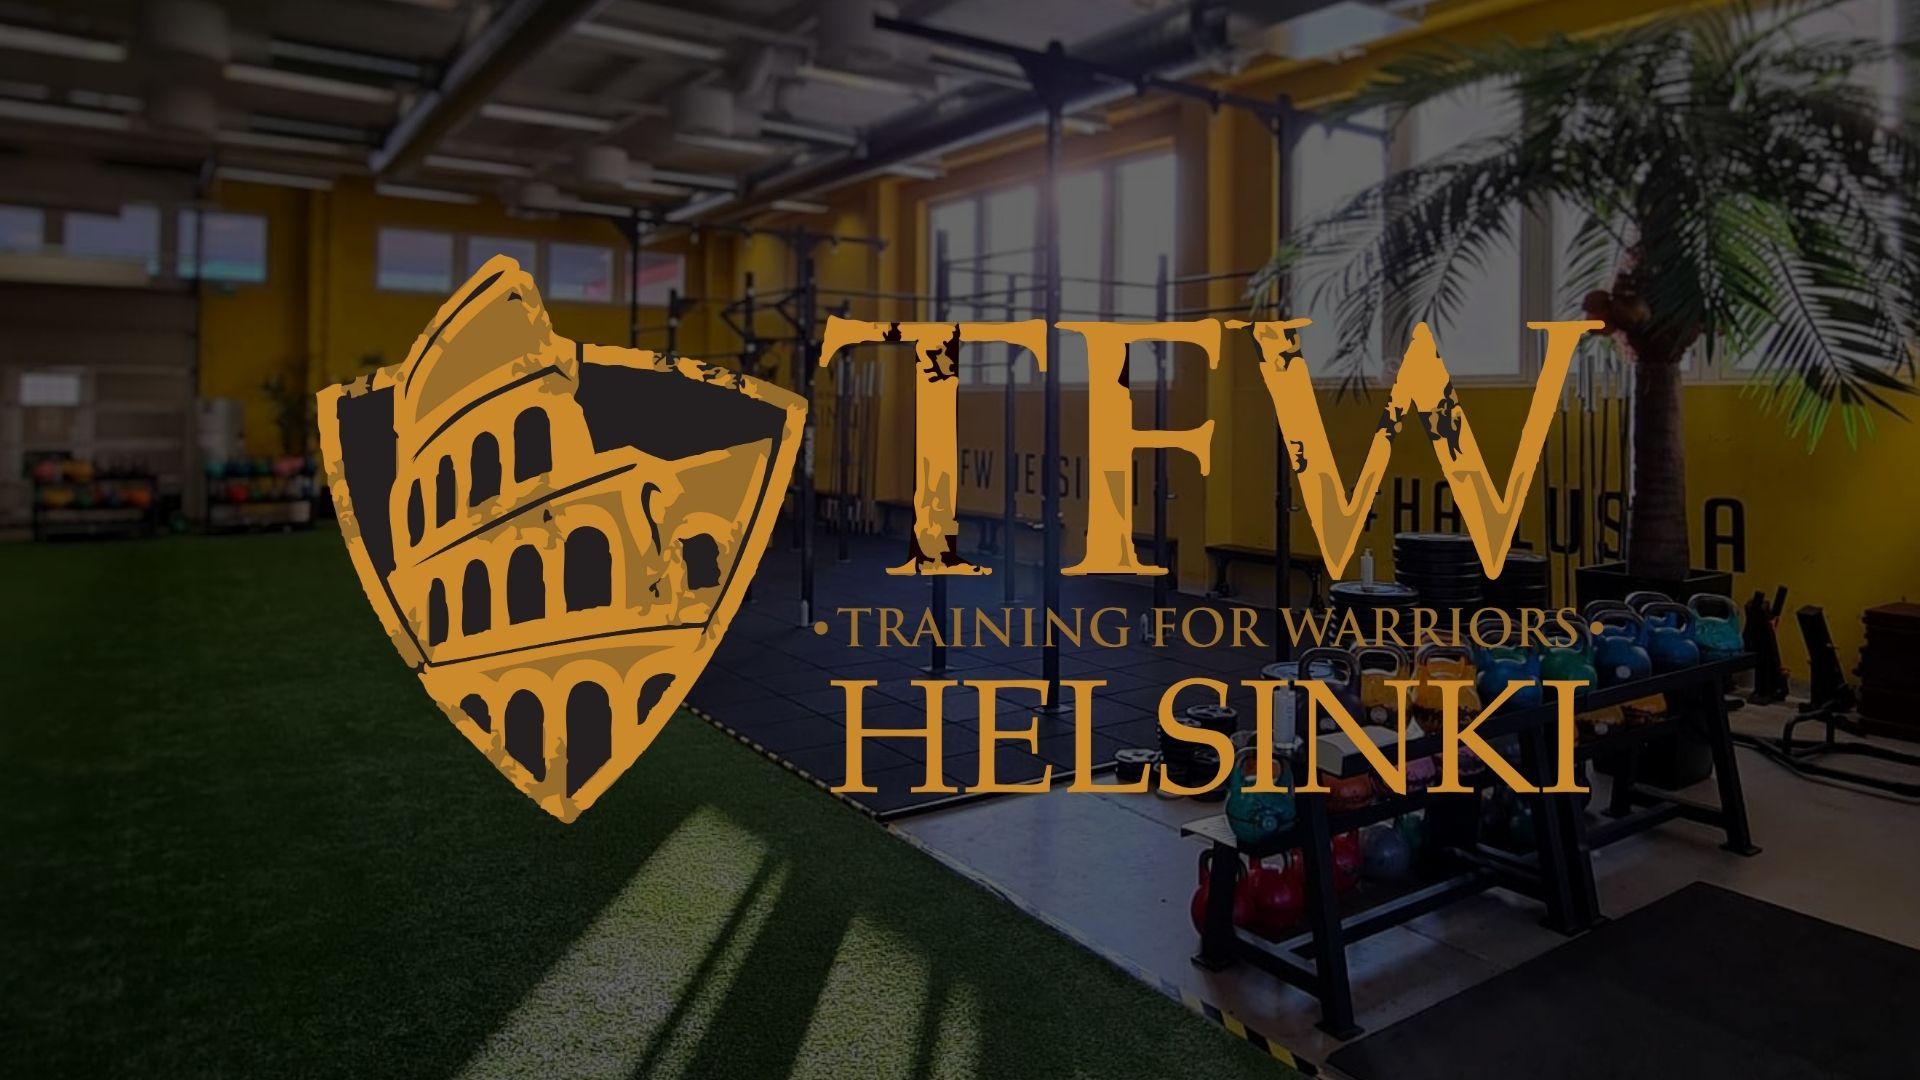 KESÄKONDIS #HALLUSSA TFW Helsingin 3 kk jäsenyydellä